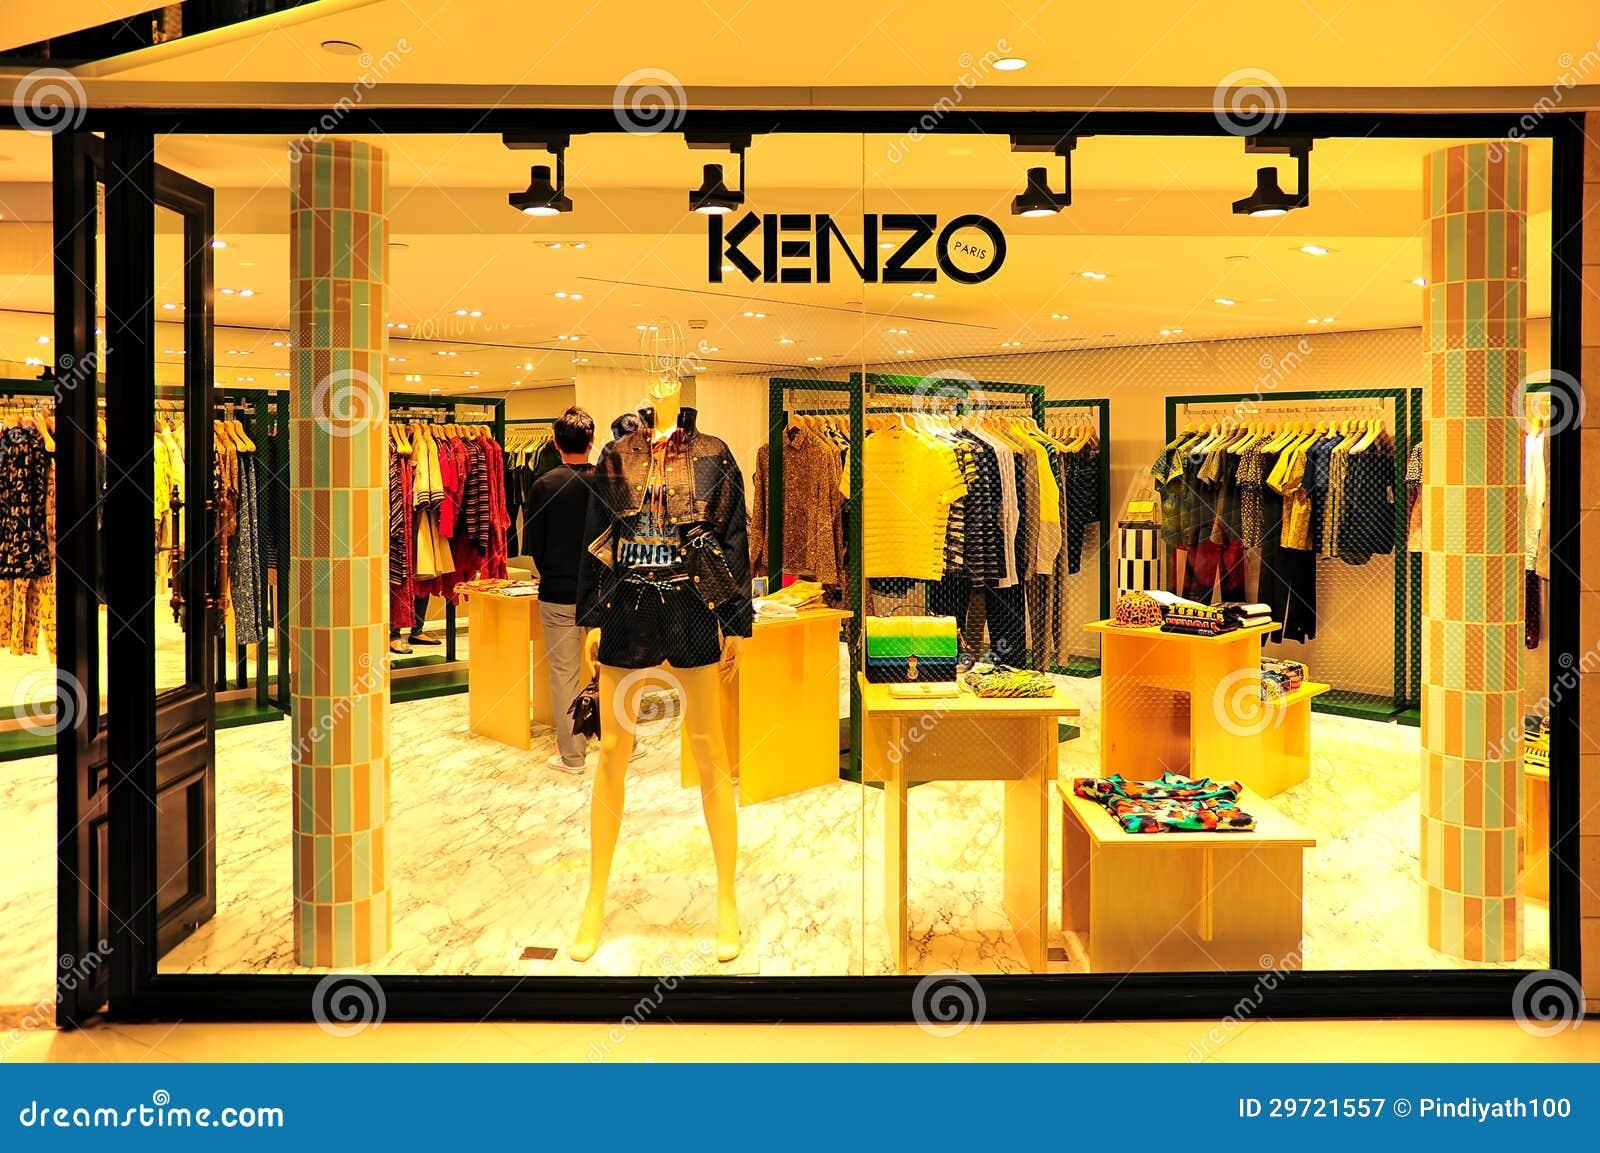 La based clothing stores